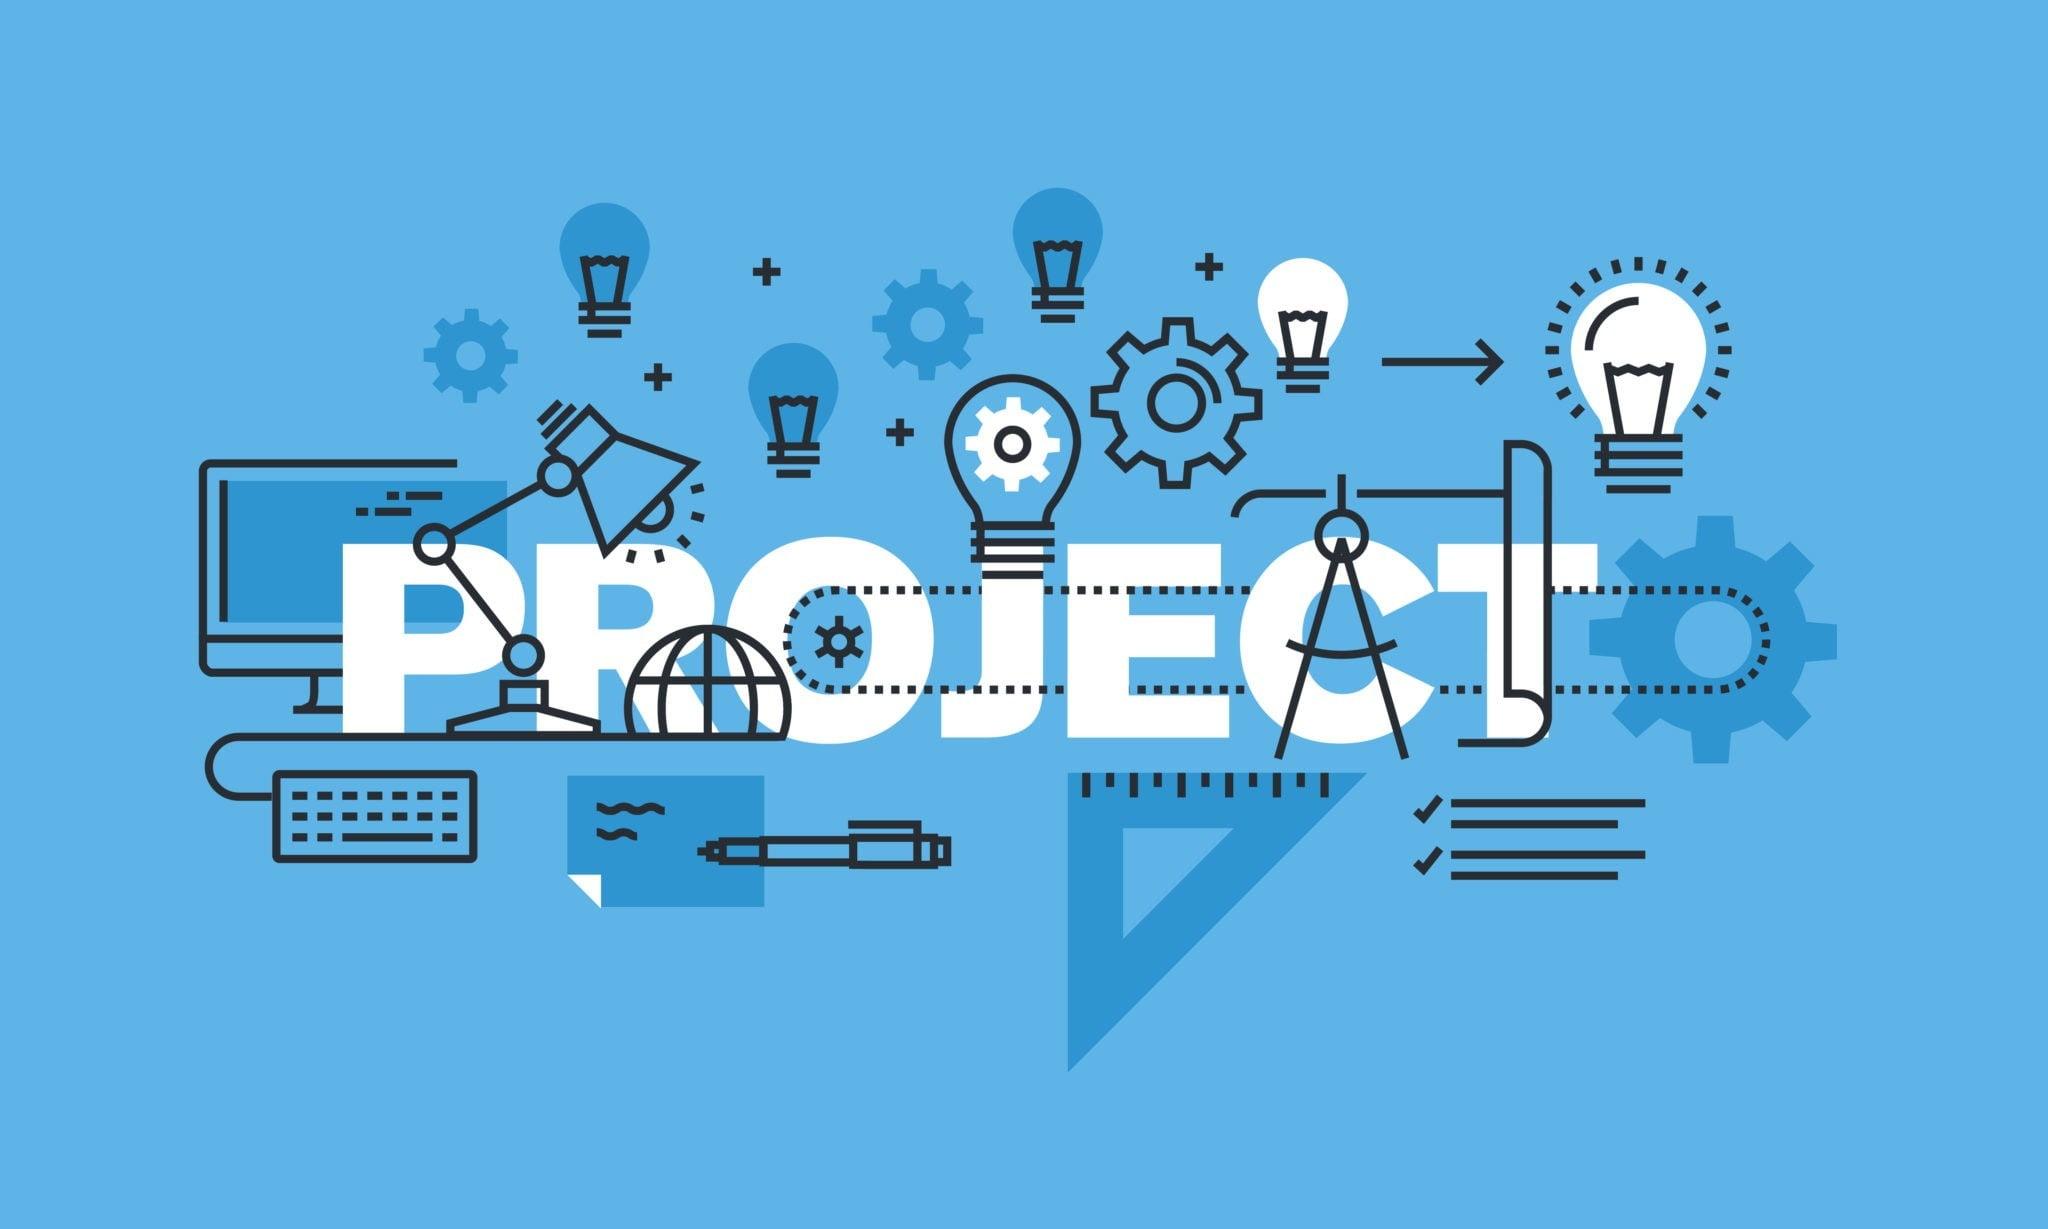 مقدمهای بر مدیریت پروژه و کنترل آن | بخش اول